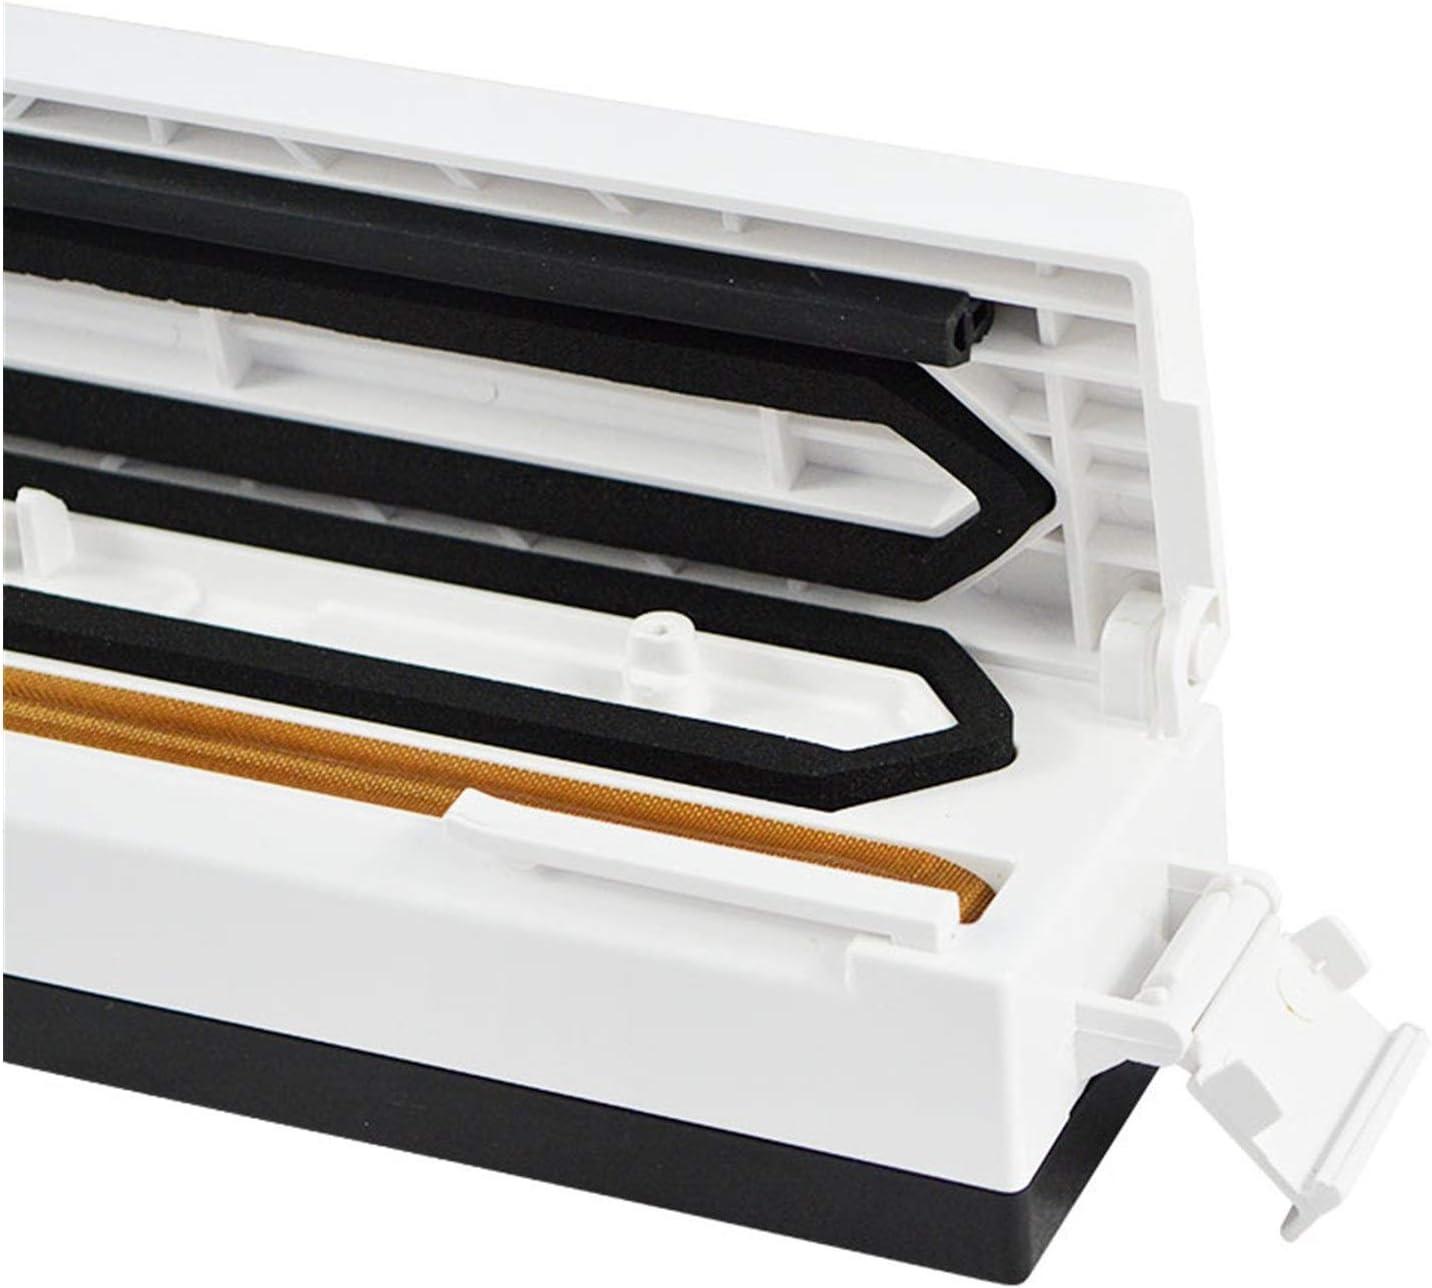 Scellant Nourriture vide Scellant stockage d'emballage d'étanchéité machine à vide de cuisine Container Packer Food Saver avec de Vacum Sac aspirateur (Color : 3 roll bags) Orange